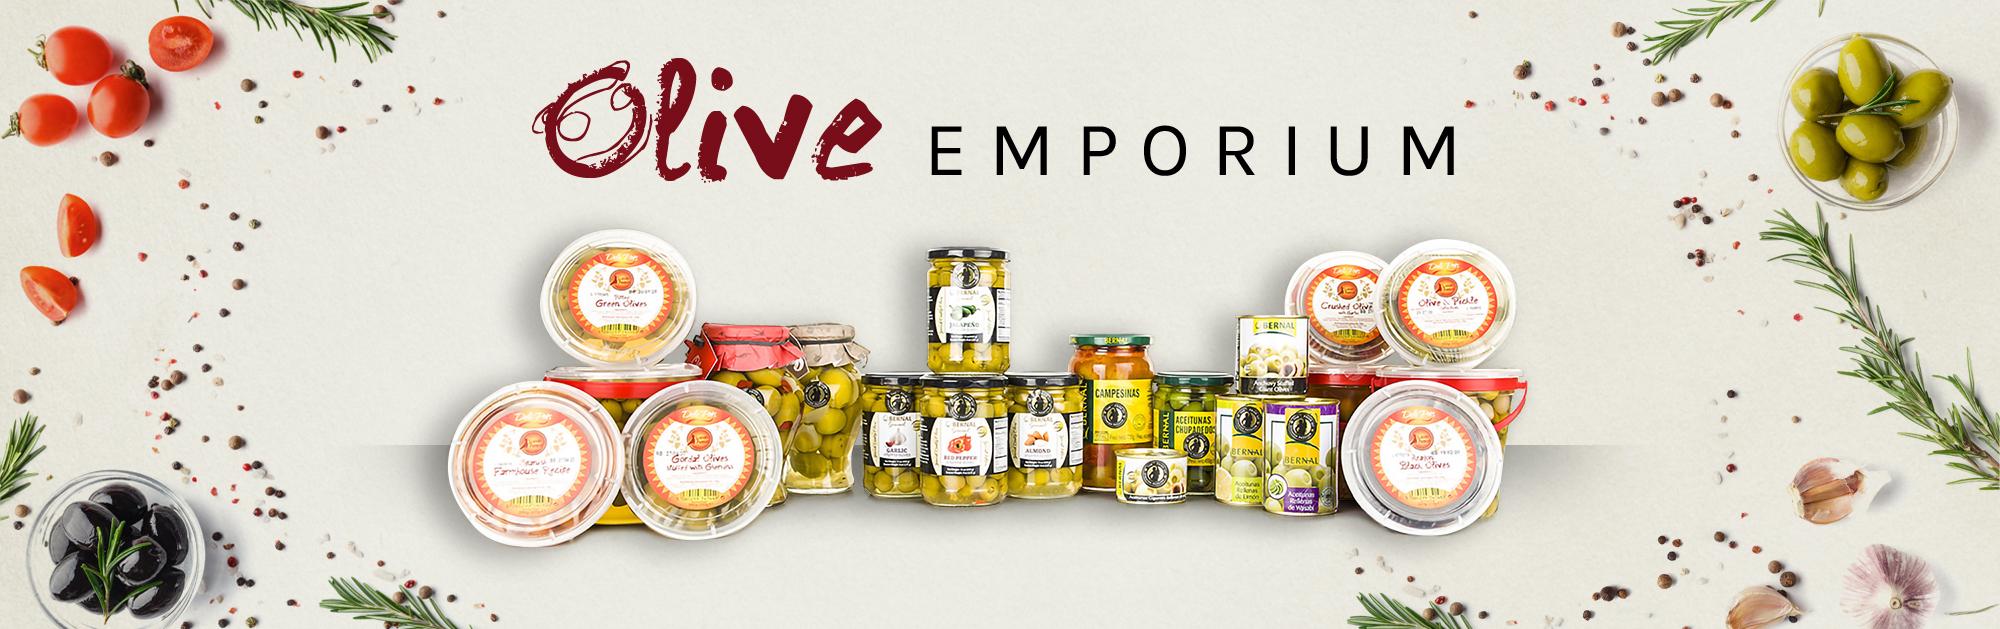 the-olive-emporium-final